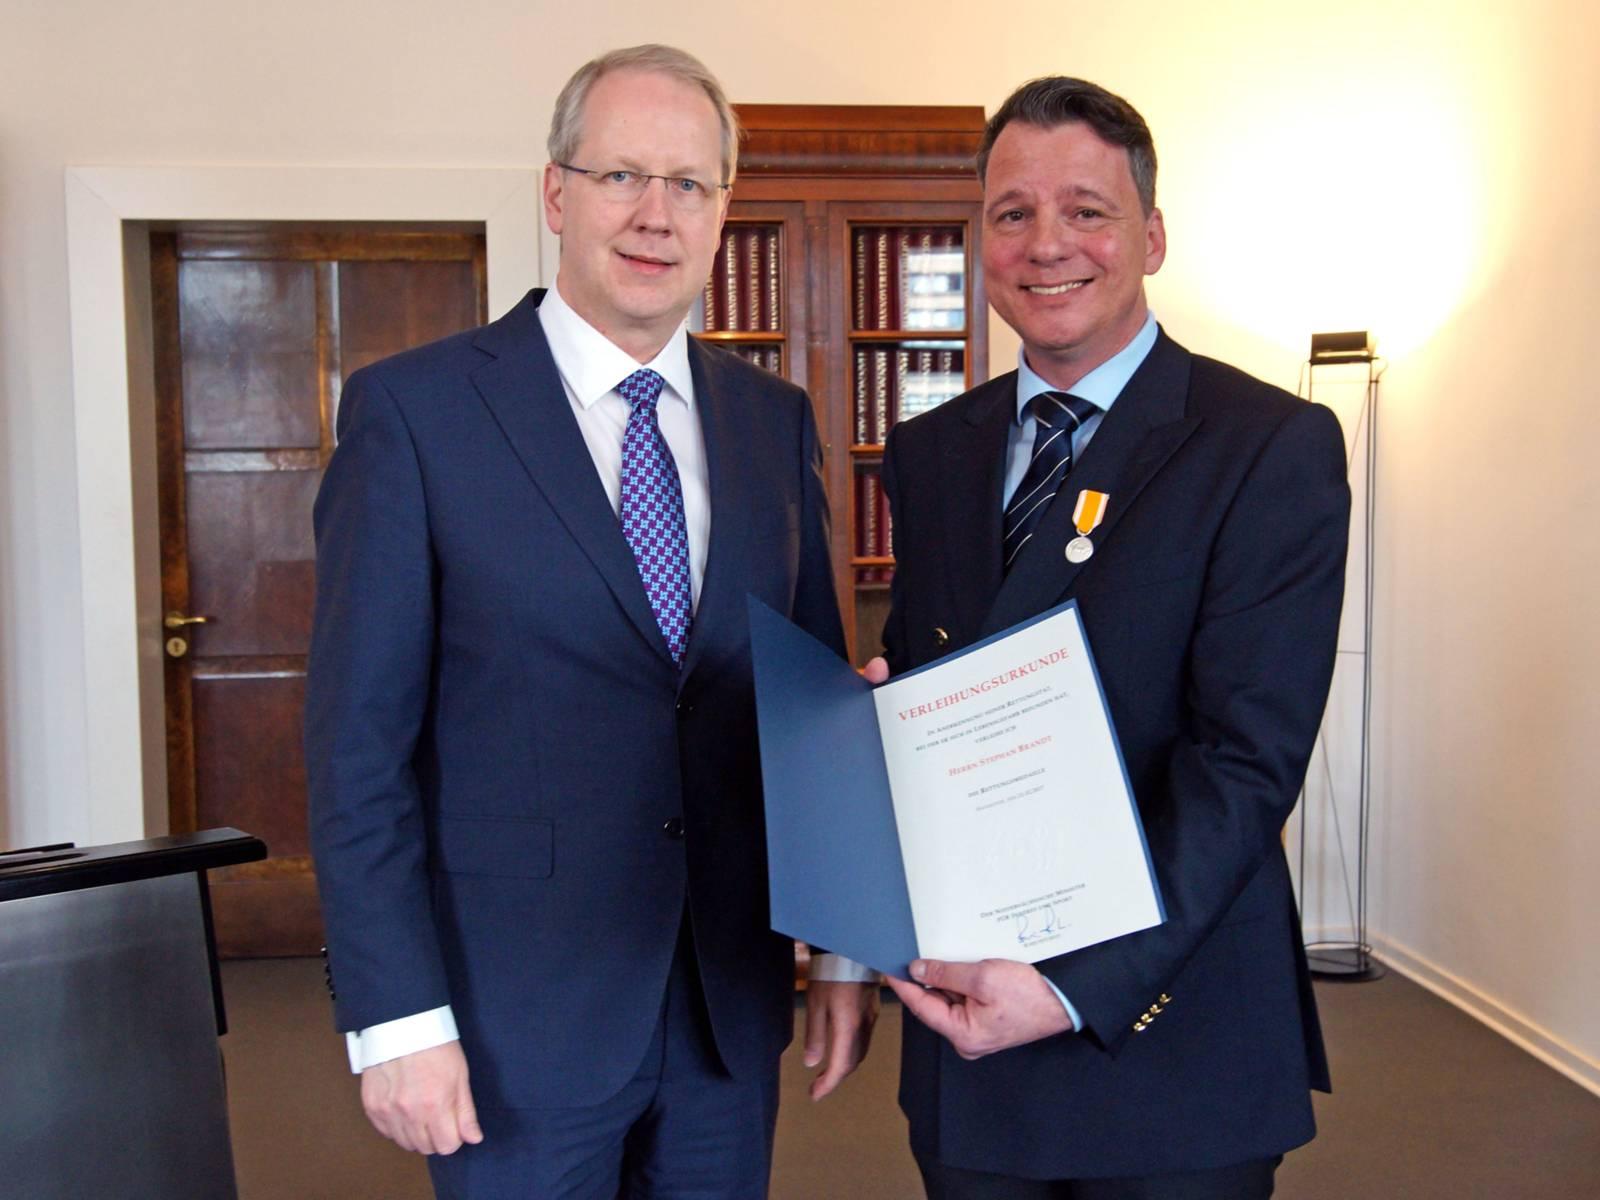 Zwei Männer mit einer Auszeichnung.